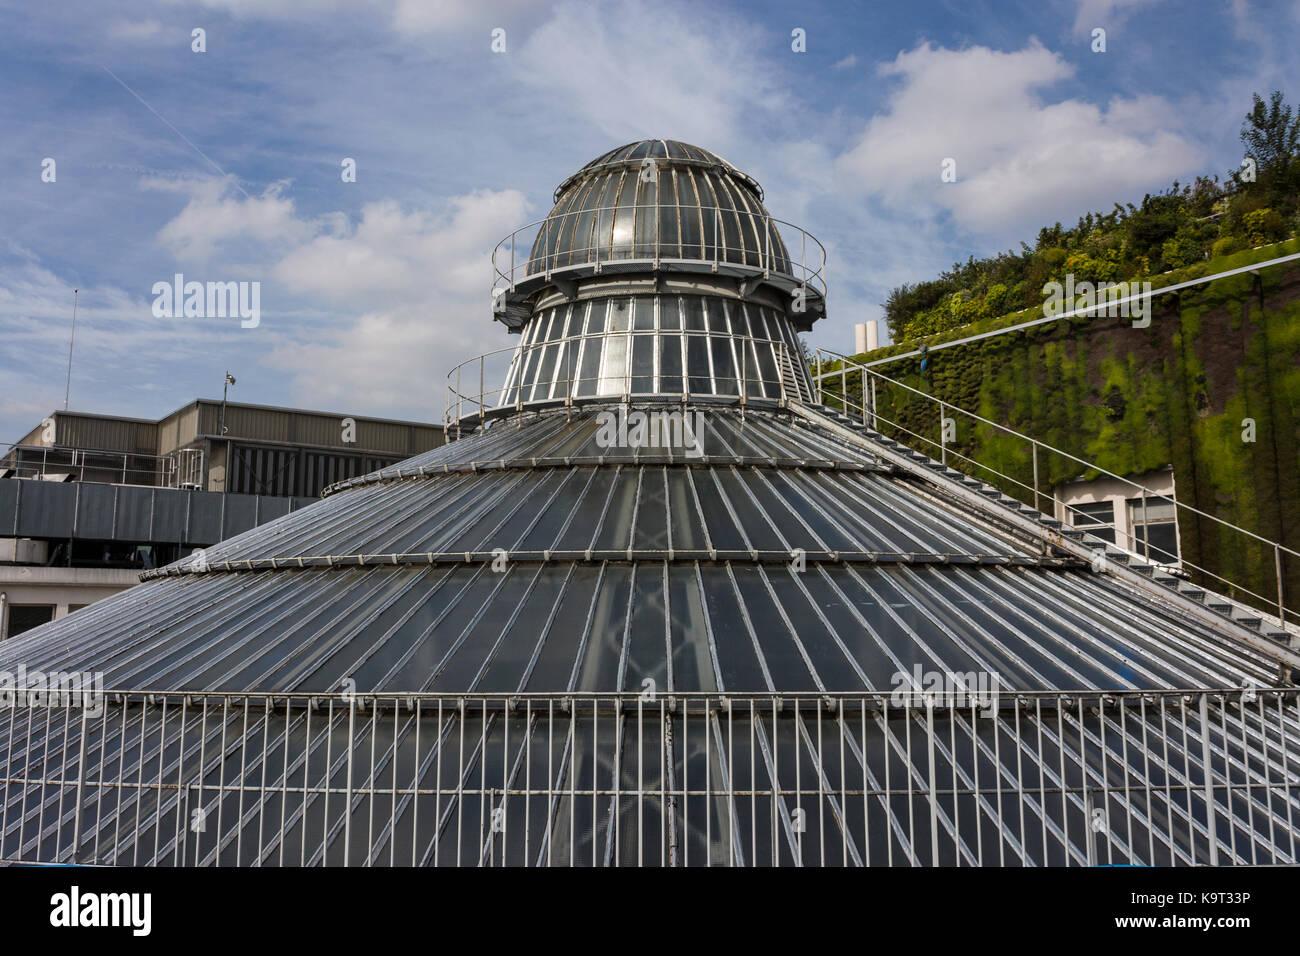 Photo De Galerie Exterieur haut extérieur du magasin (galeries lafayette), paris